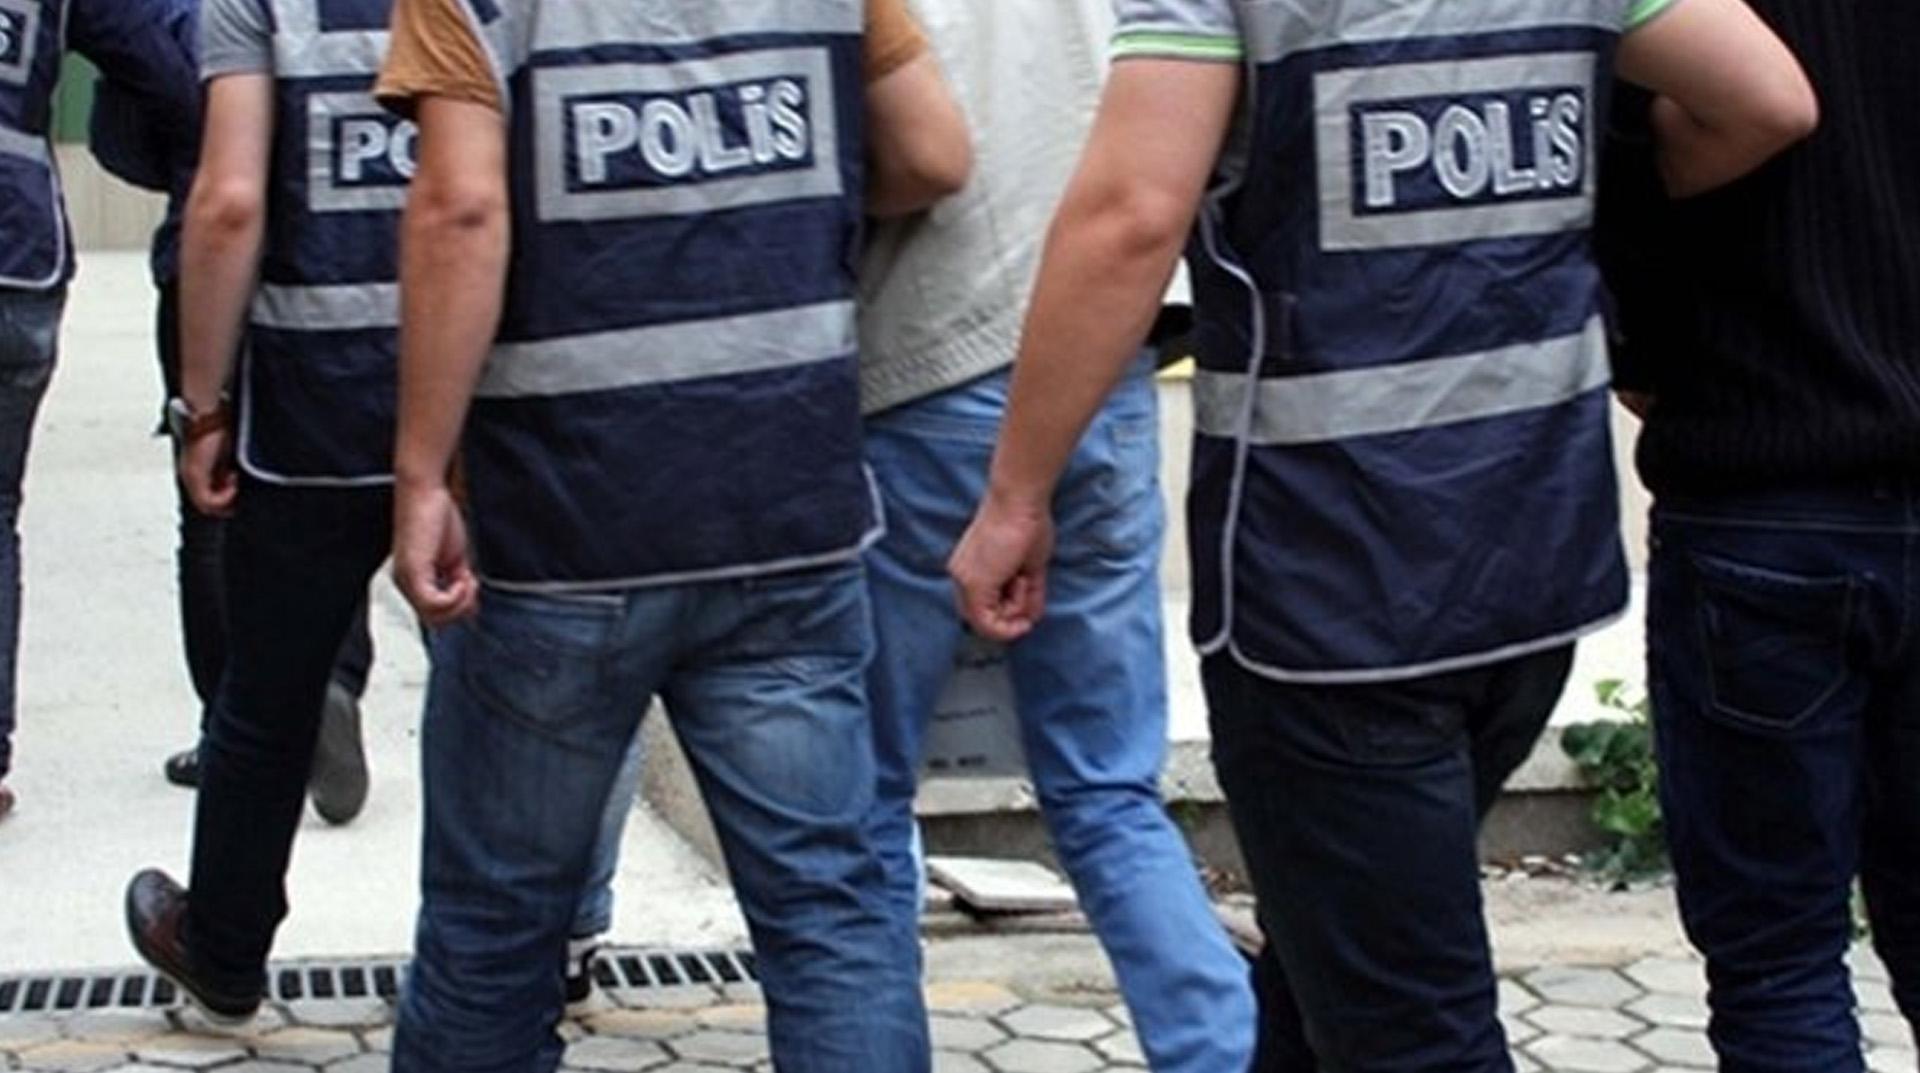 Hava Kuvvetleri'nde opresyon: 34 gözaltı kararı